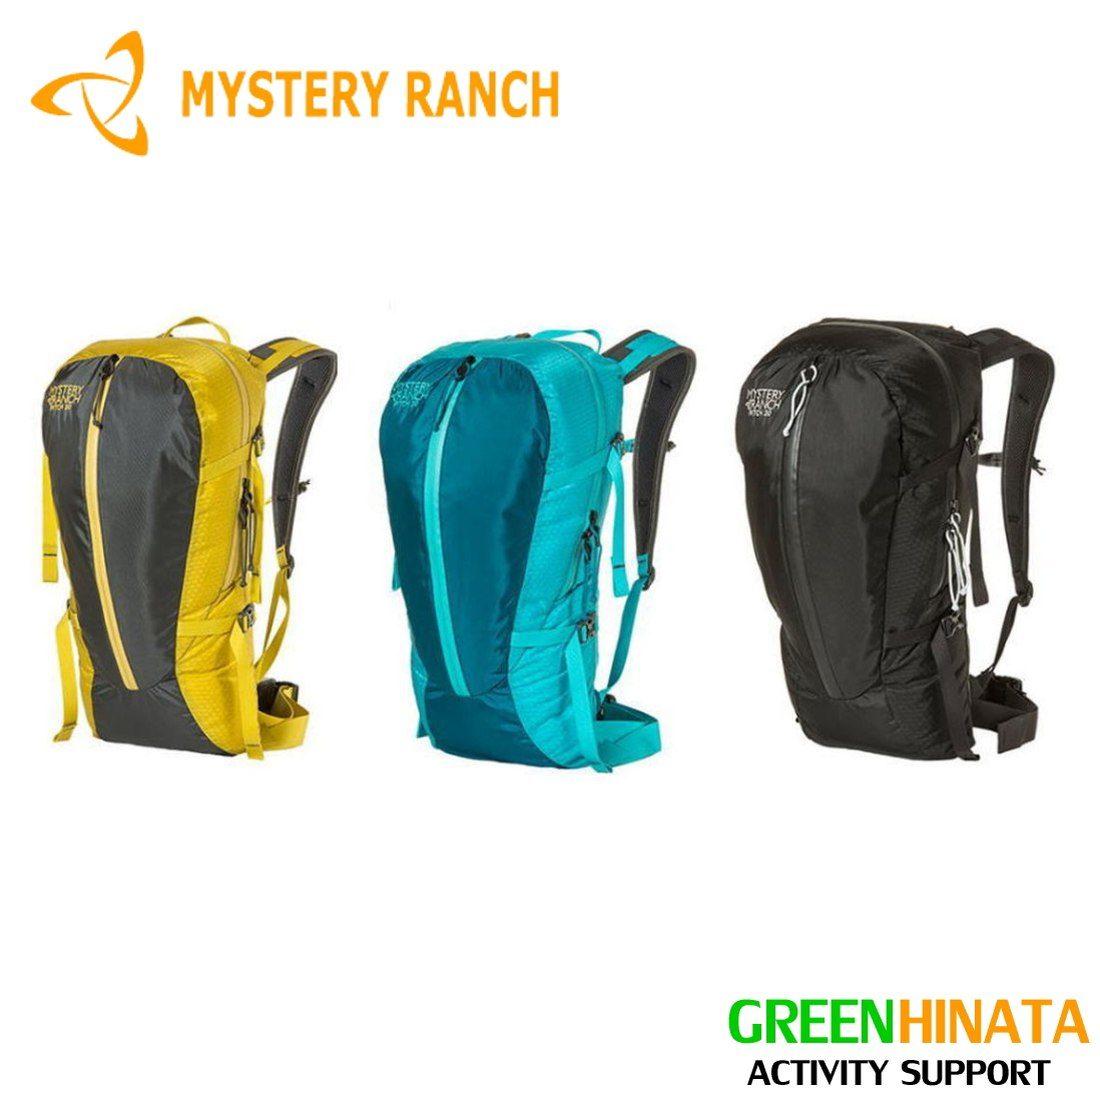 【国内正規品】 ミステリーランチ ピッチ 20 バックパック MYSTERY RANCH PITCH 20 登山 トレッキング リュックサック バッグ